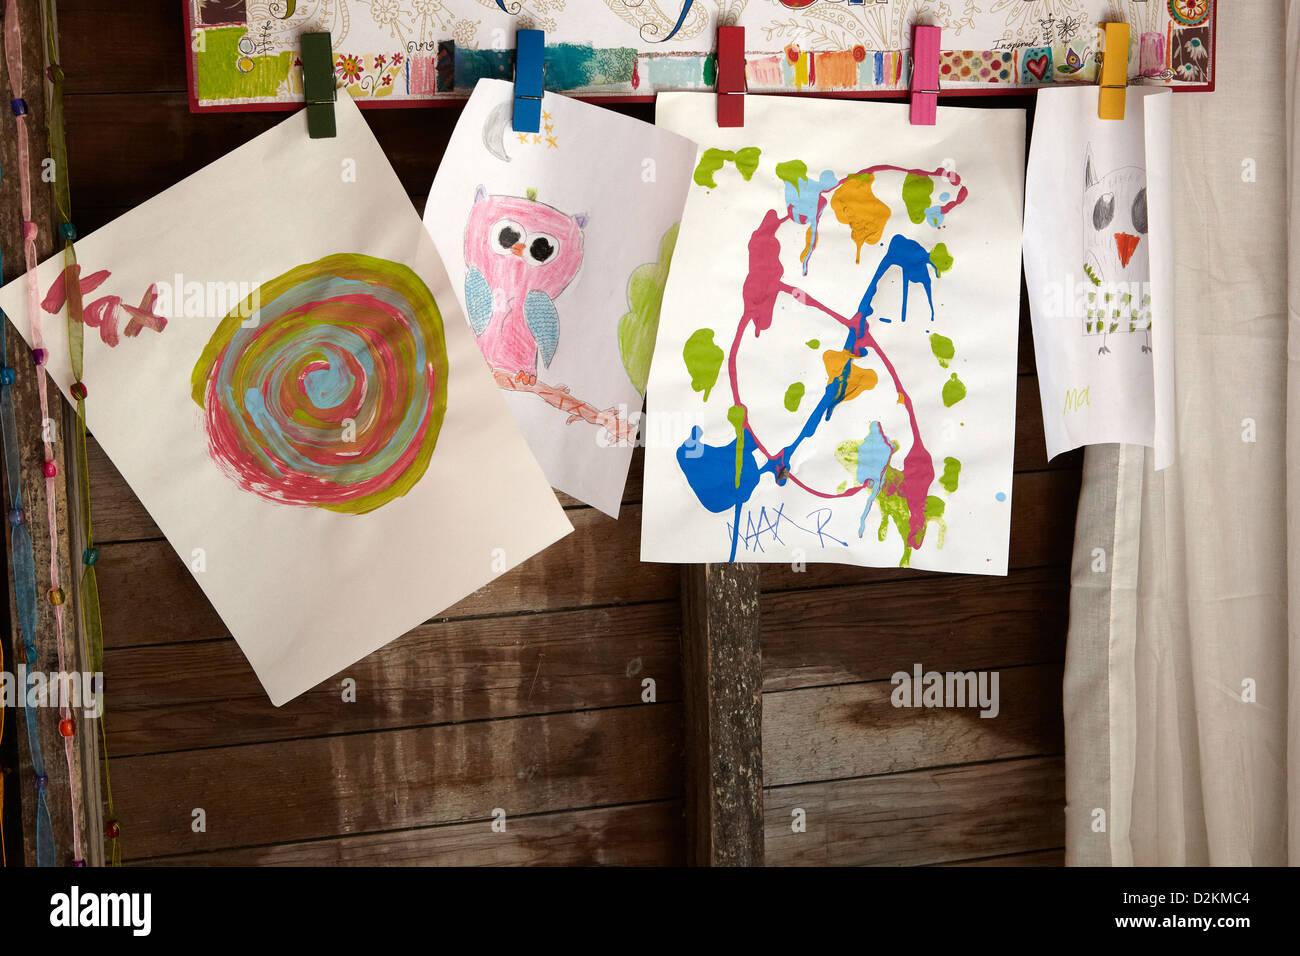 Crianças obras de arte exibidas Imagens de Stock